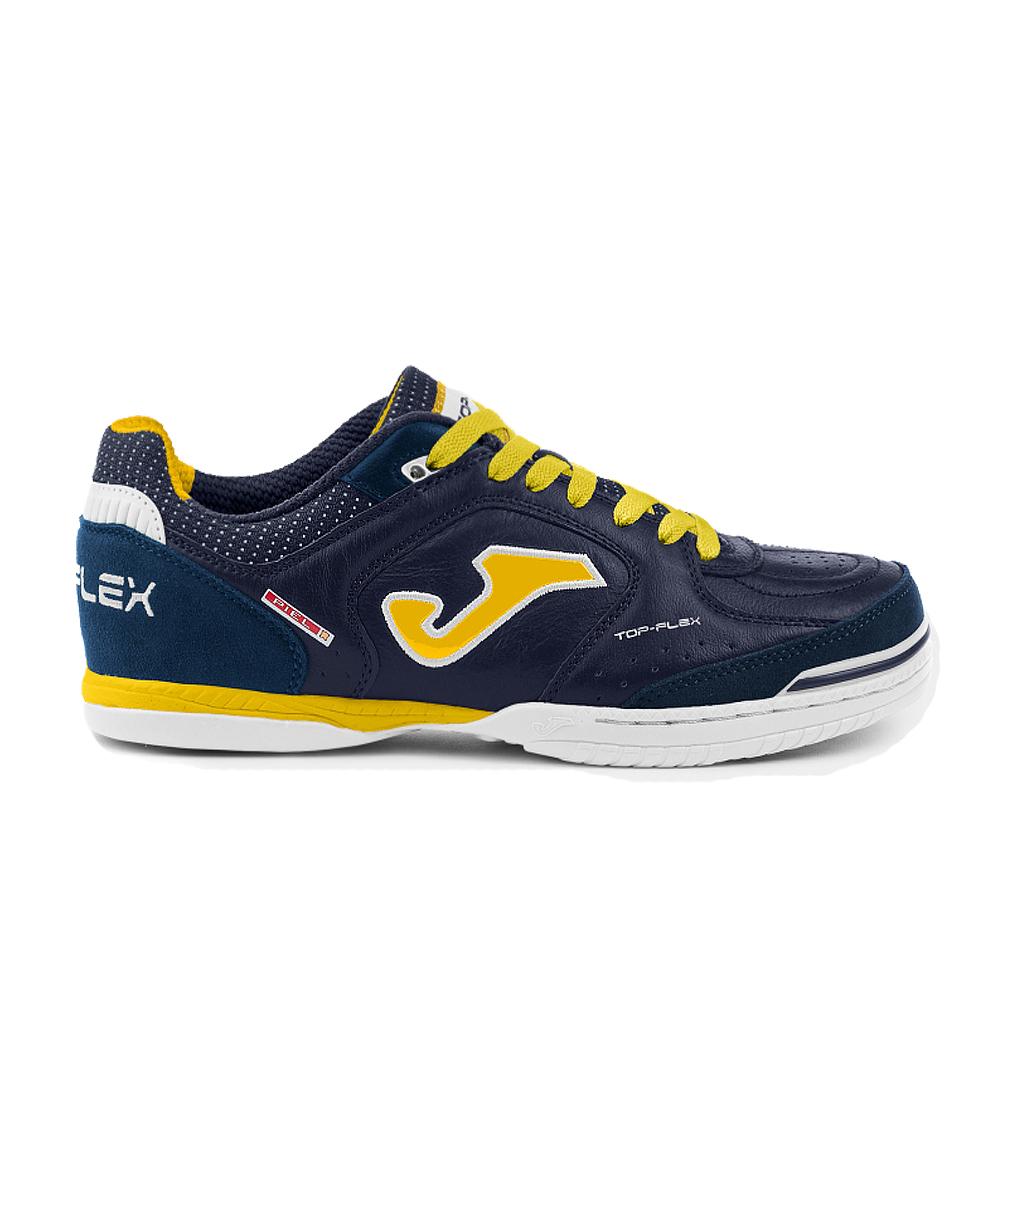 Купить футзалки Joma Top Flex TOPW2103IN тёмно-синие в интернет-магазине